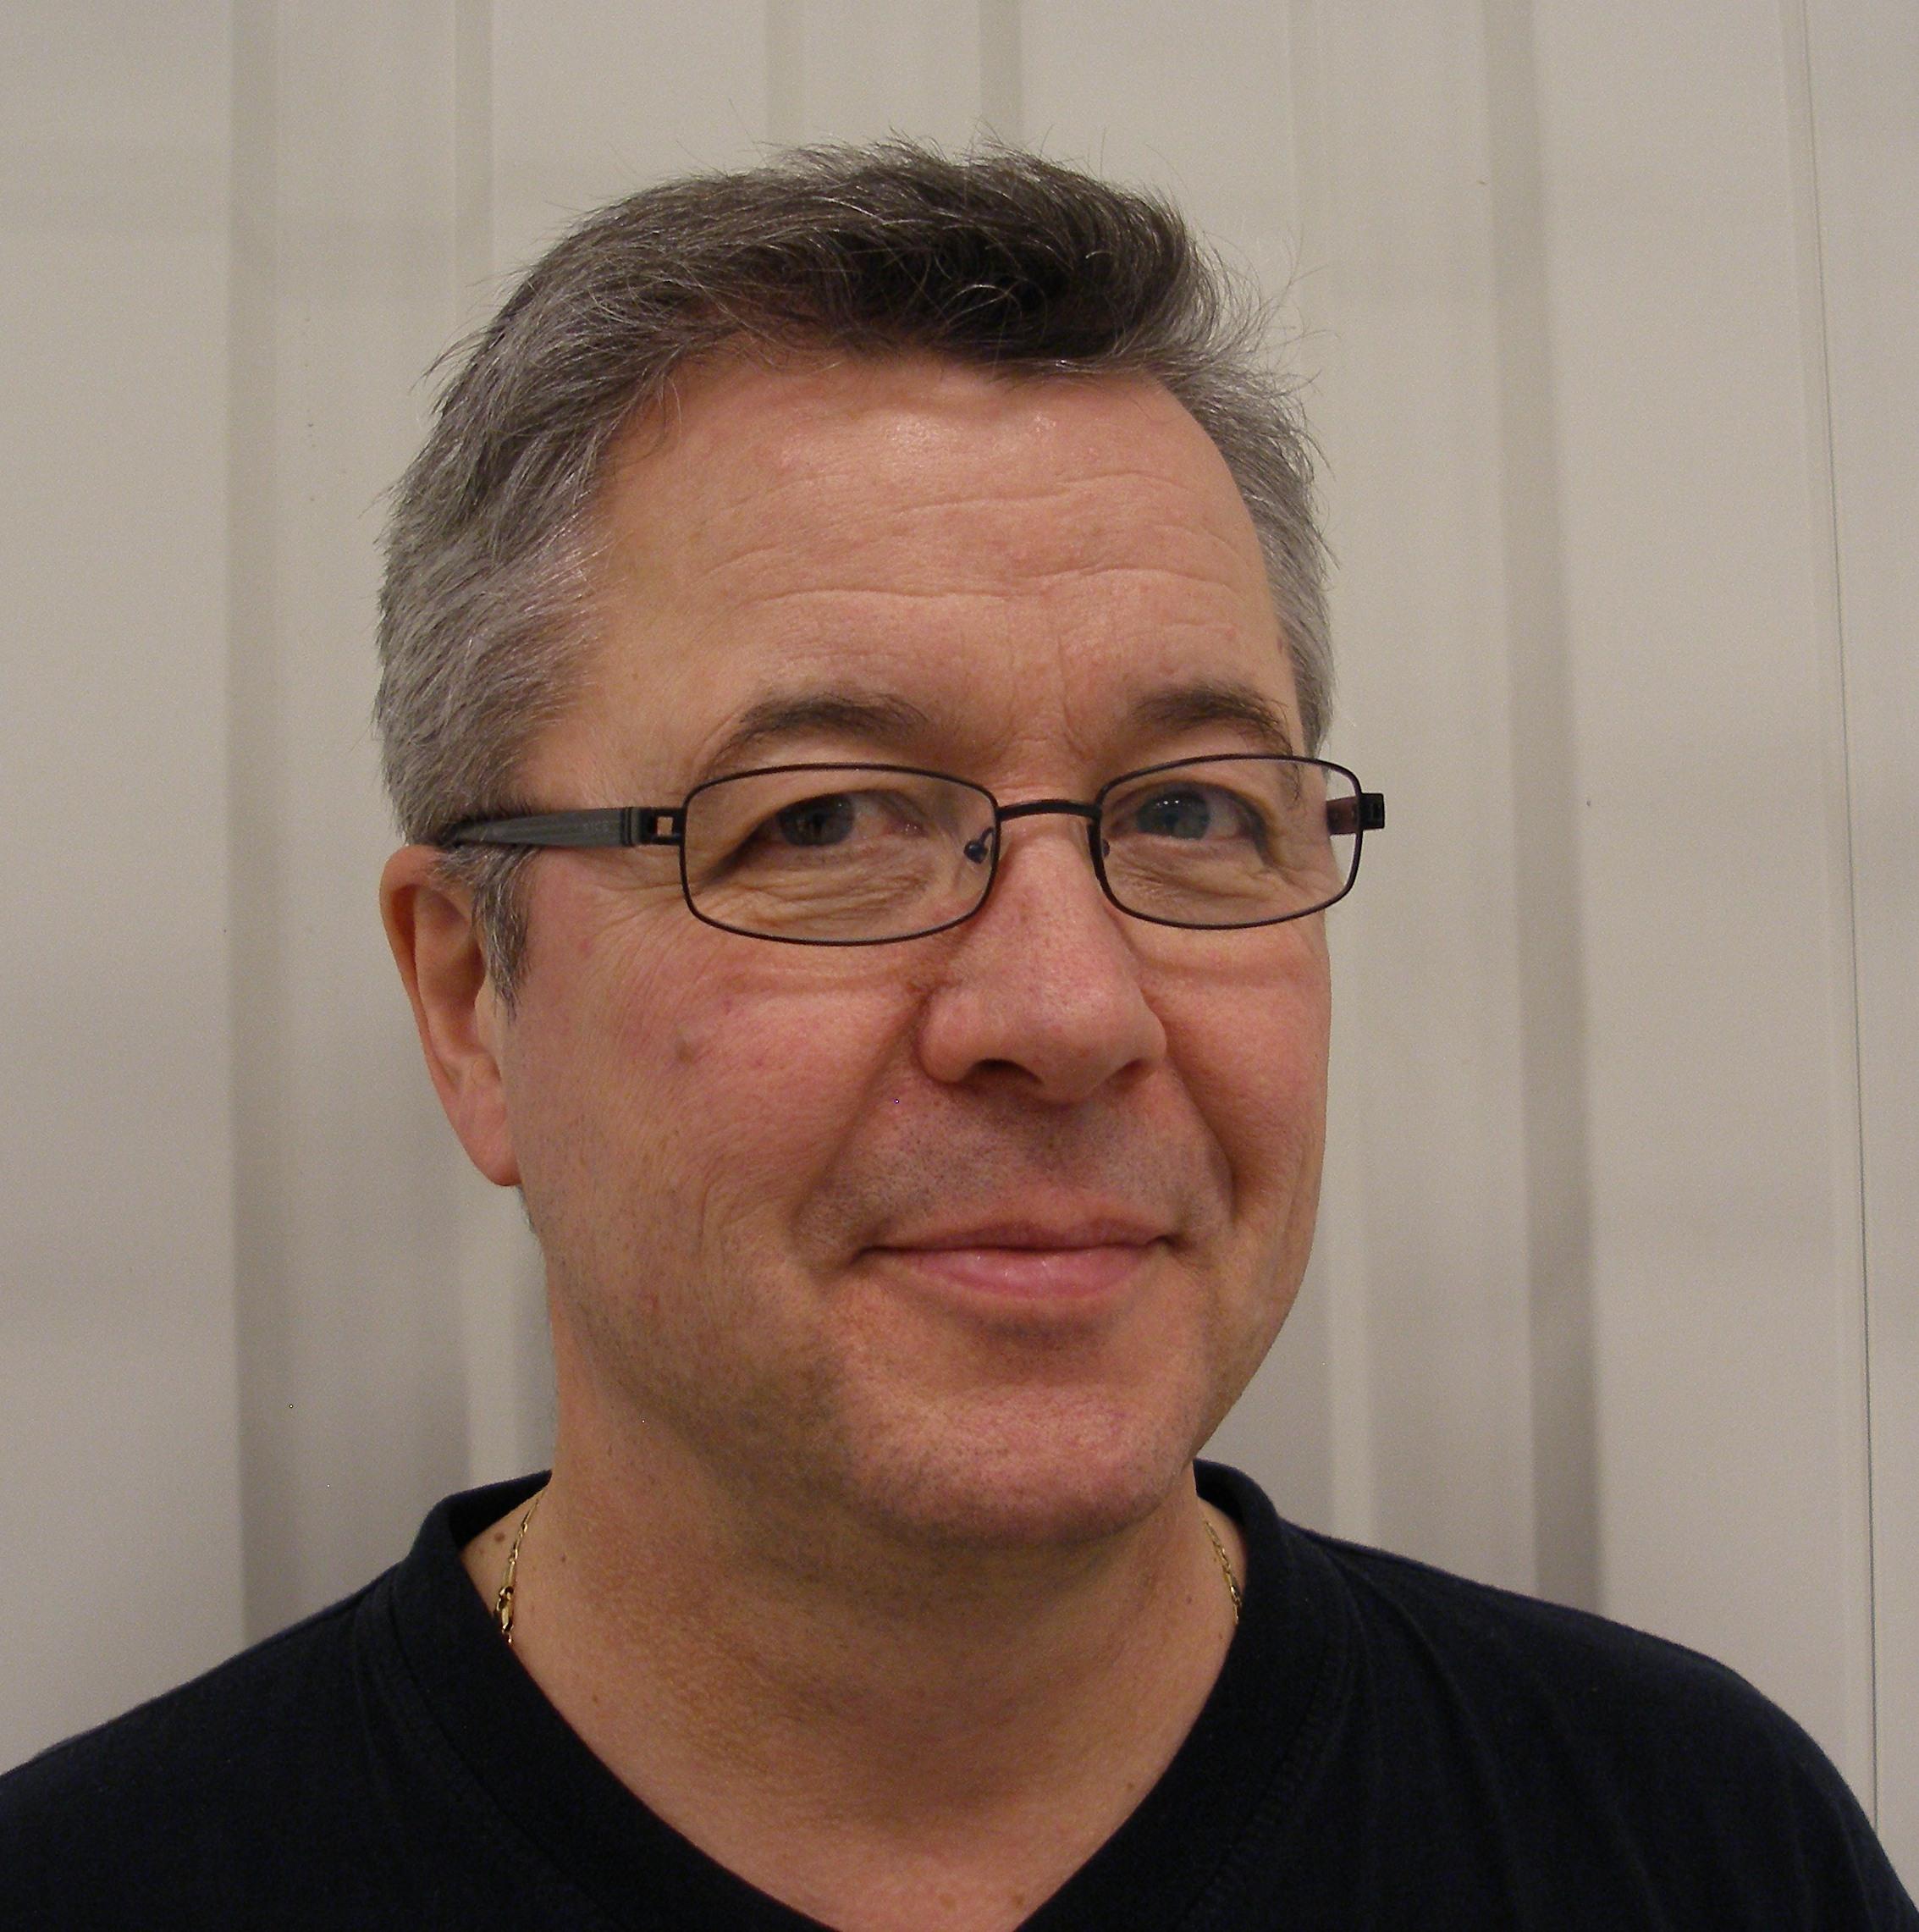 Jostein Rostad